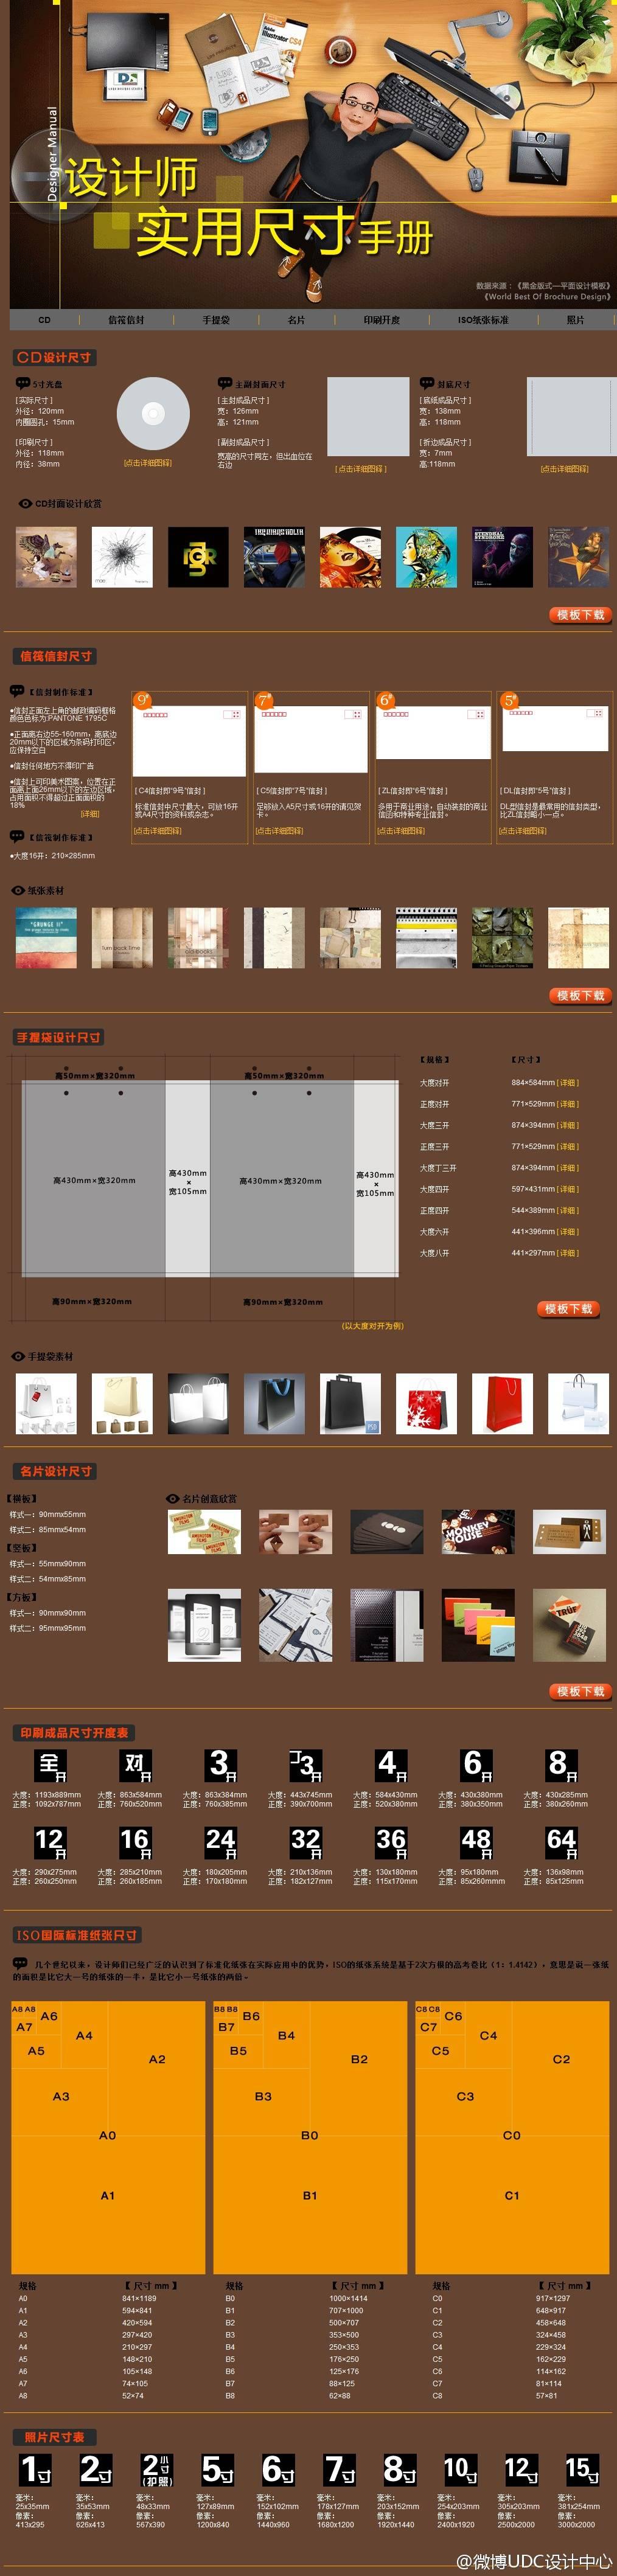 chi-chun-for-flat-design.jpg